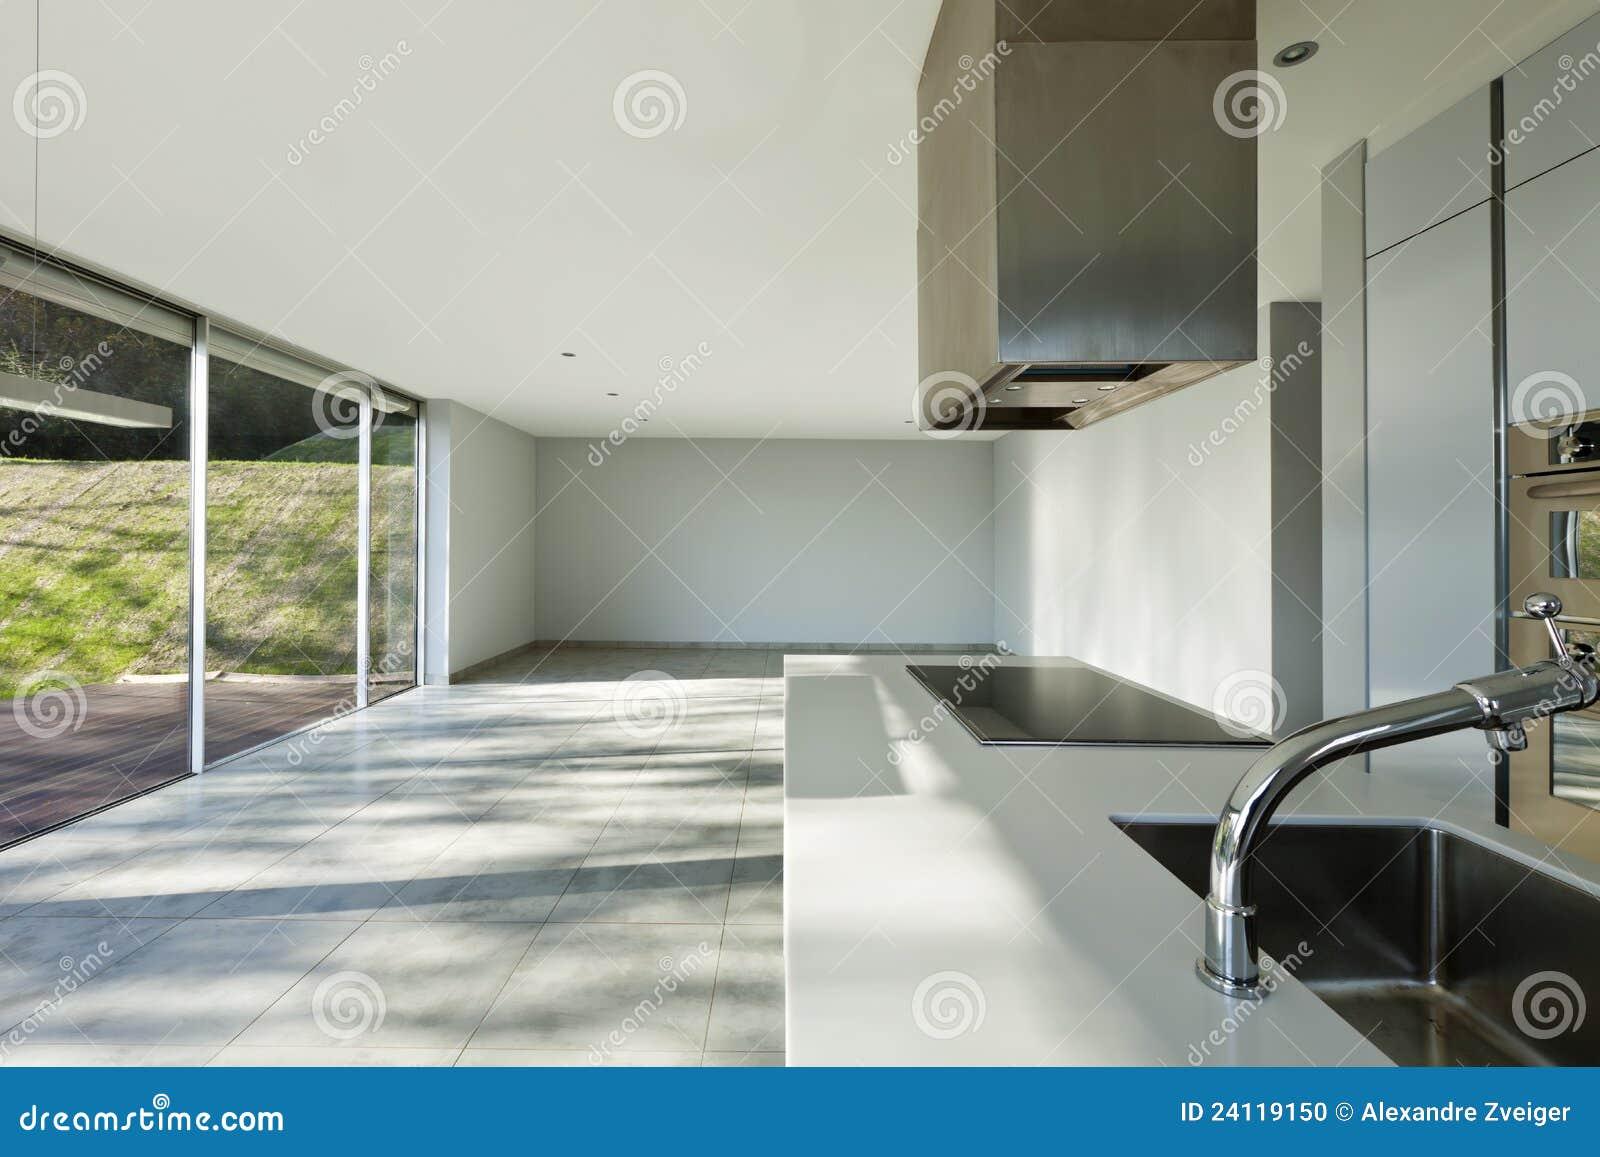 Mooi modern huis keuken stock foto afbeelding bestaande uit flat 24119150 - Mooi huis ...